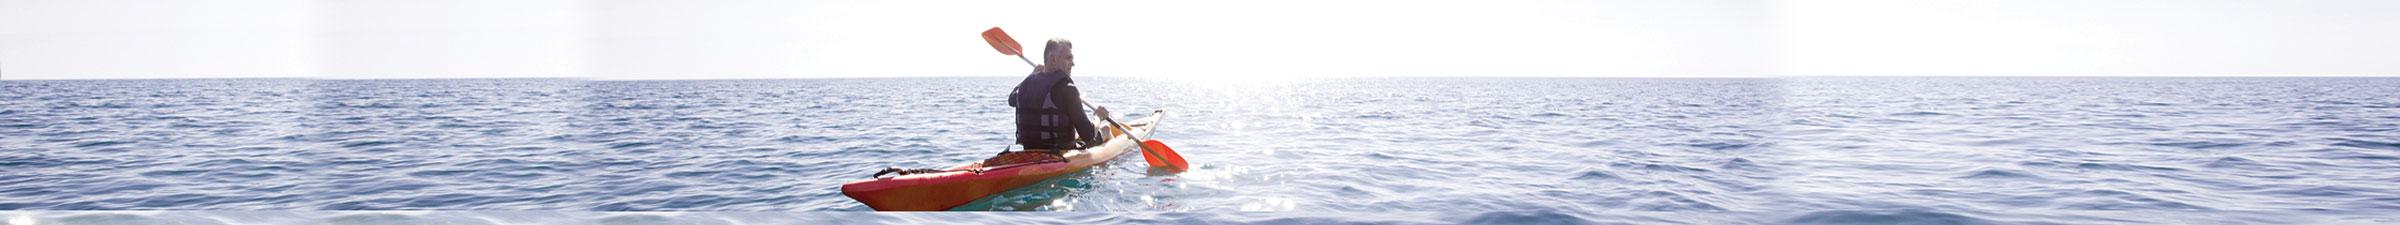 Kayak on Lake Washington - Starboard Apartments, Juanita Beach, Kirkland, Washington 98034